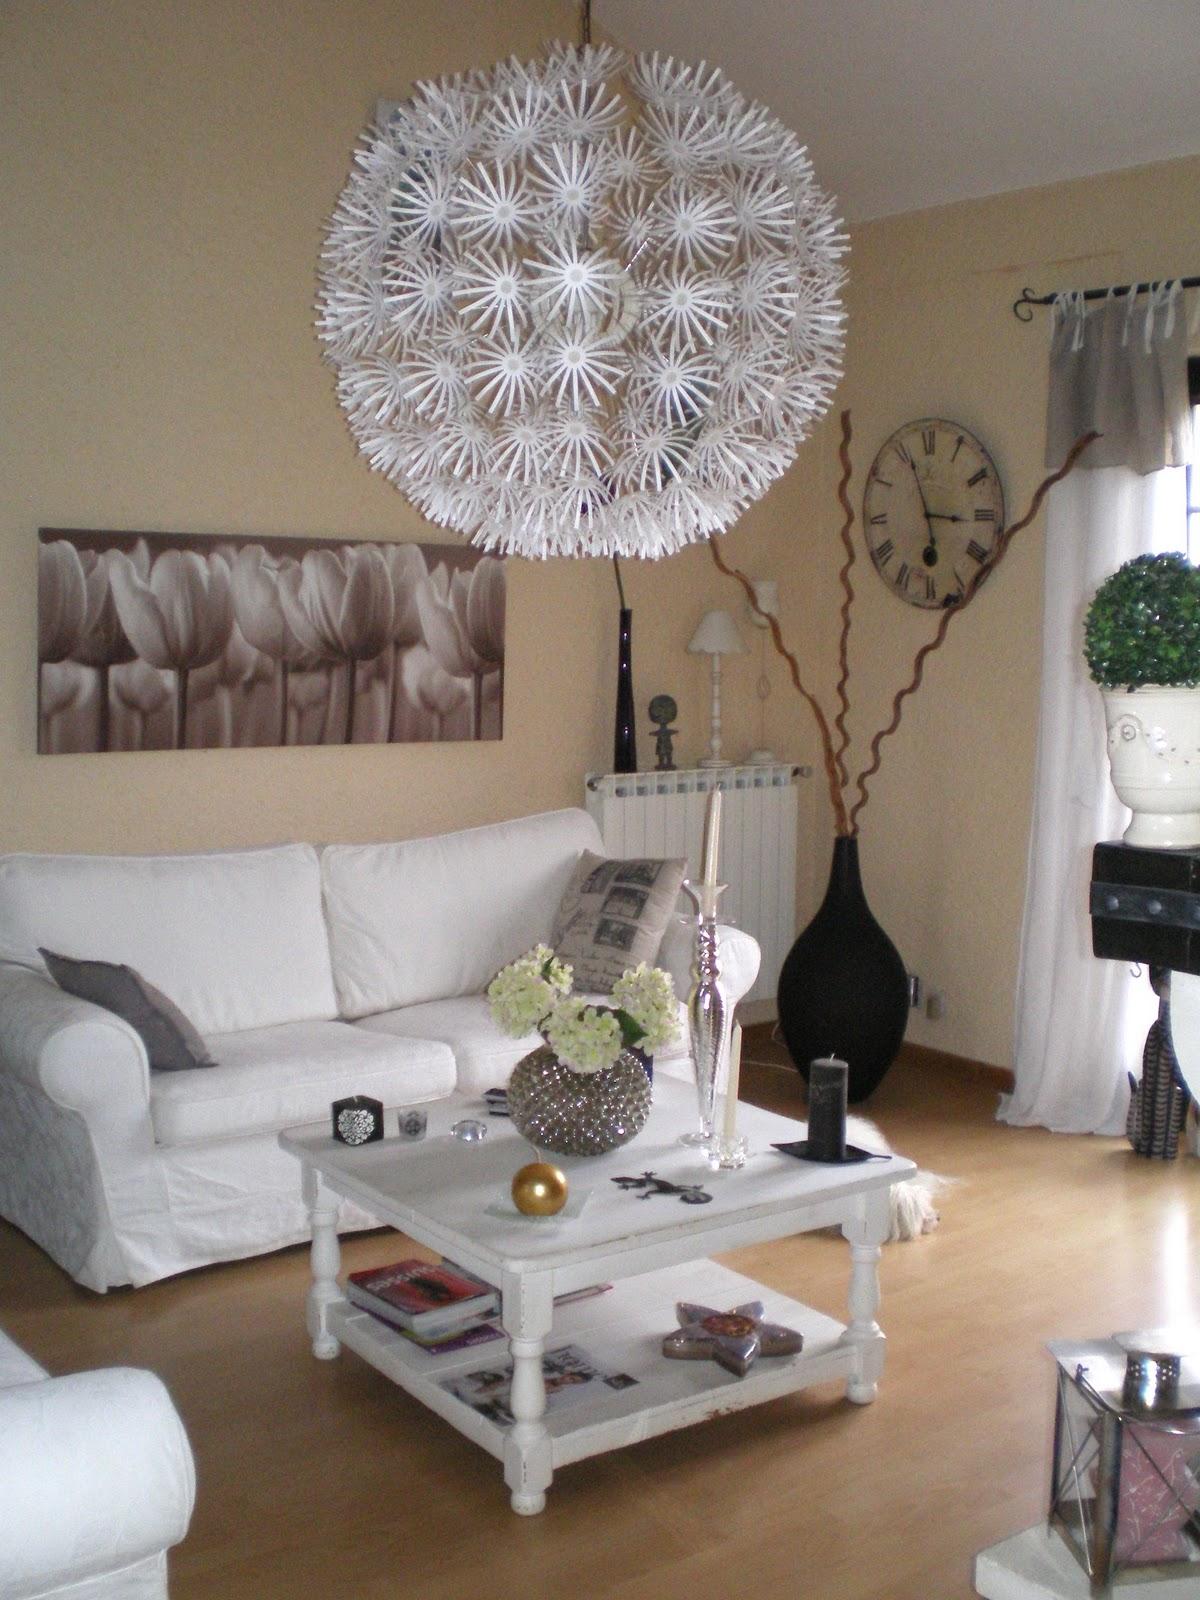 trendy homes janvier 2011. Black Bedroom Furniture Sets. Home Design Ideas